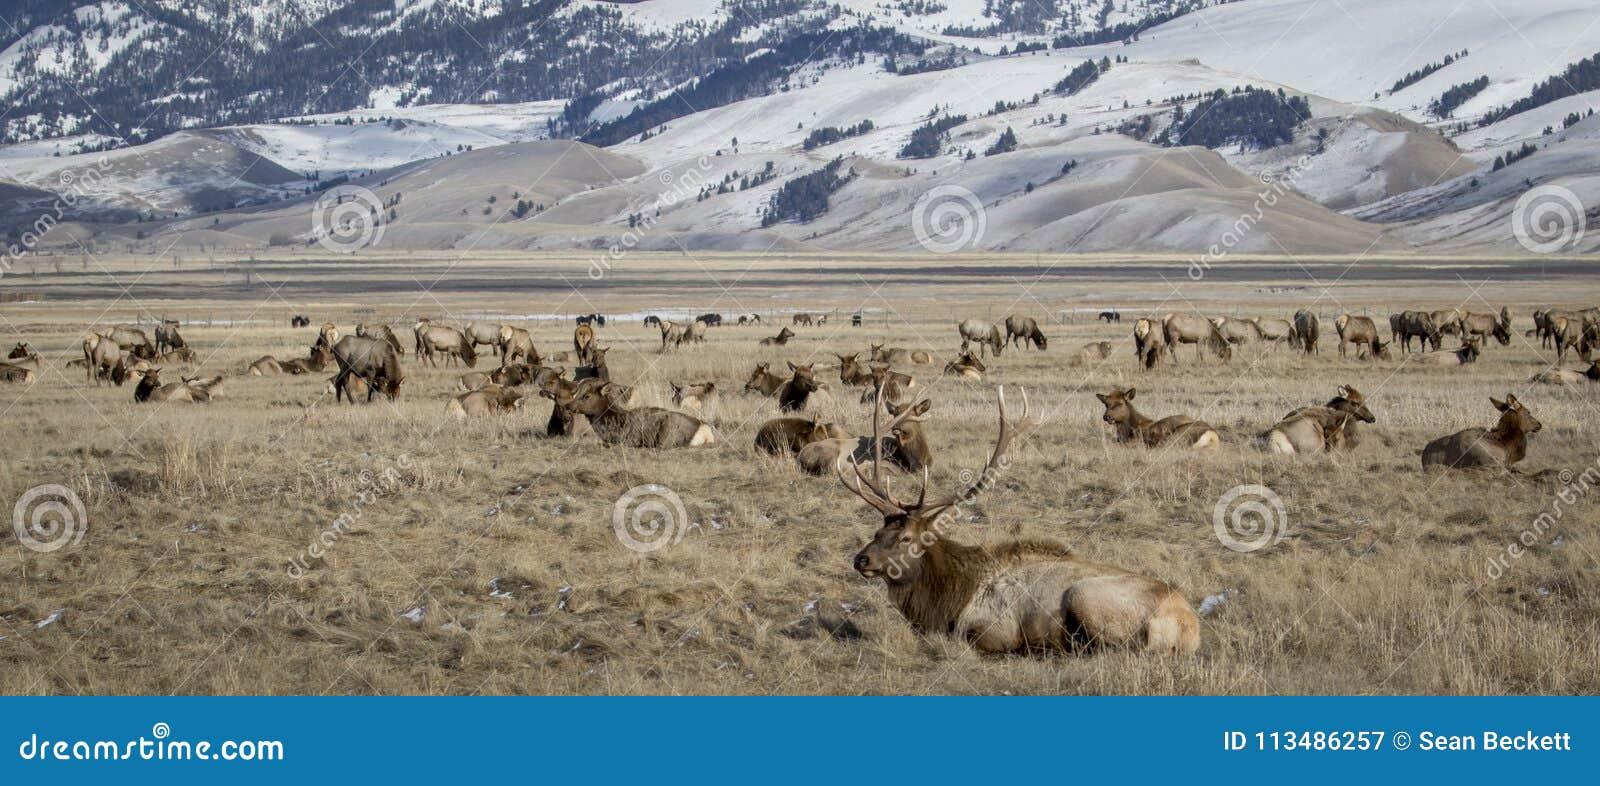 Bull elk and elk herd in national elk refuge in yellow grassland